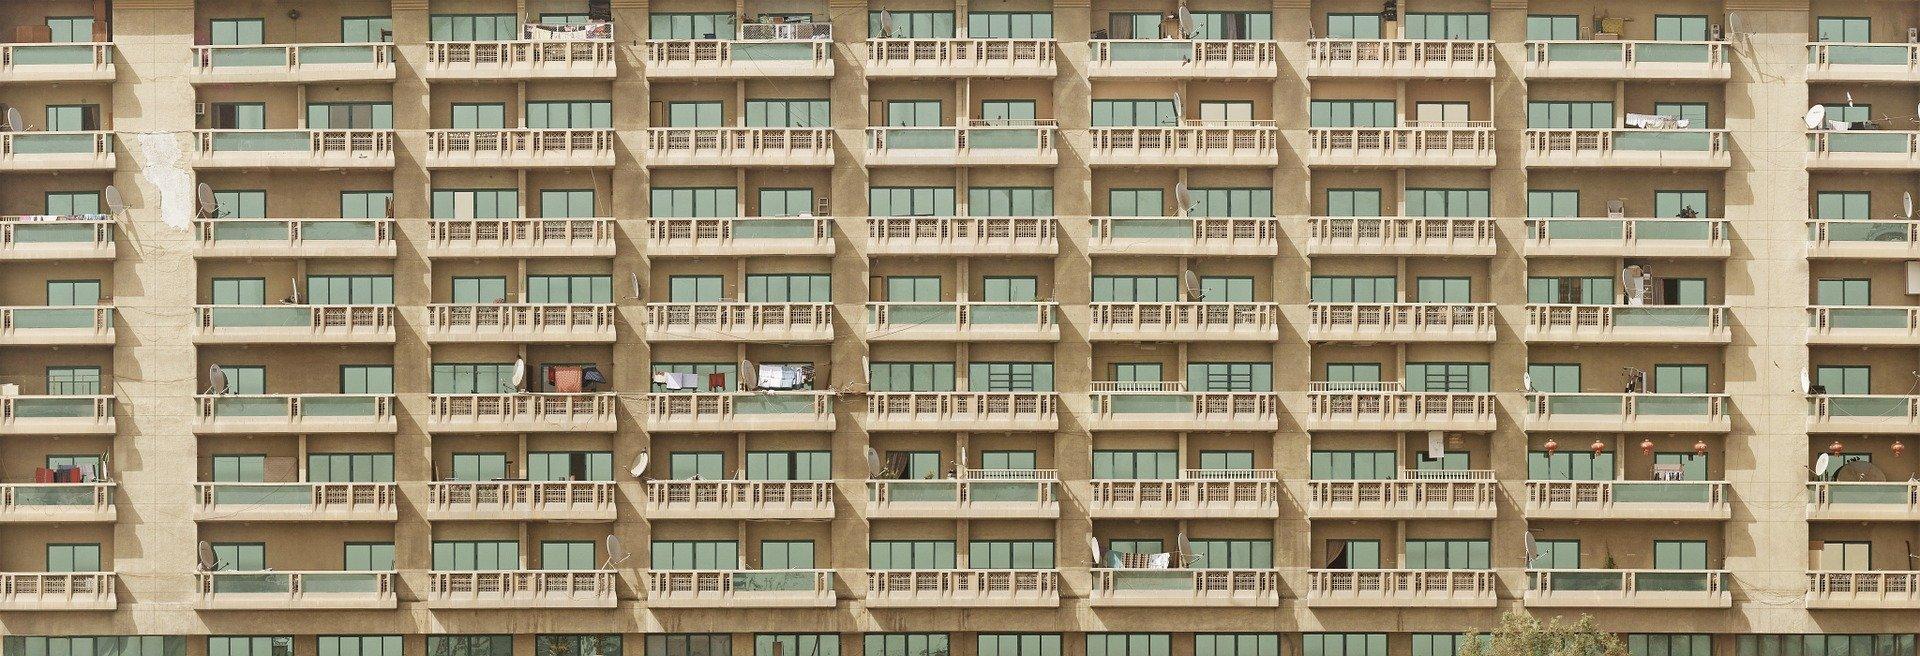 facade 1209331 1920